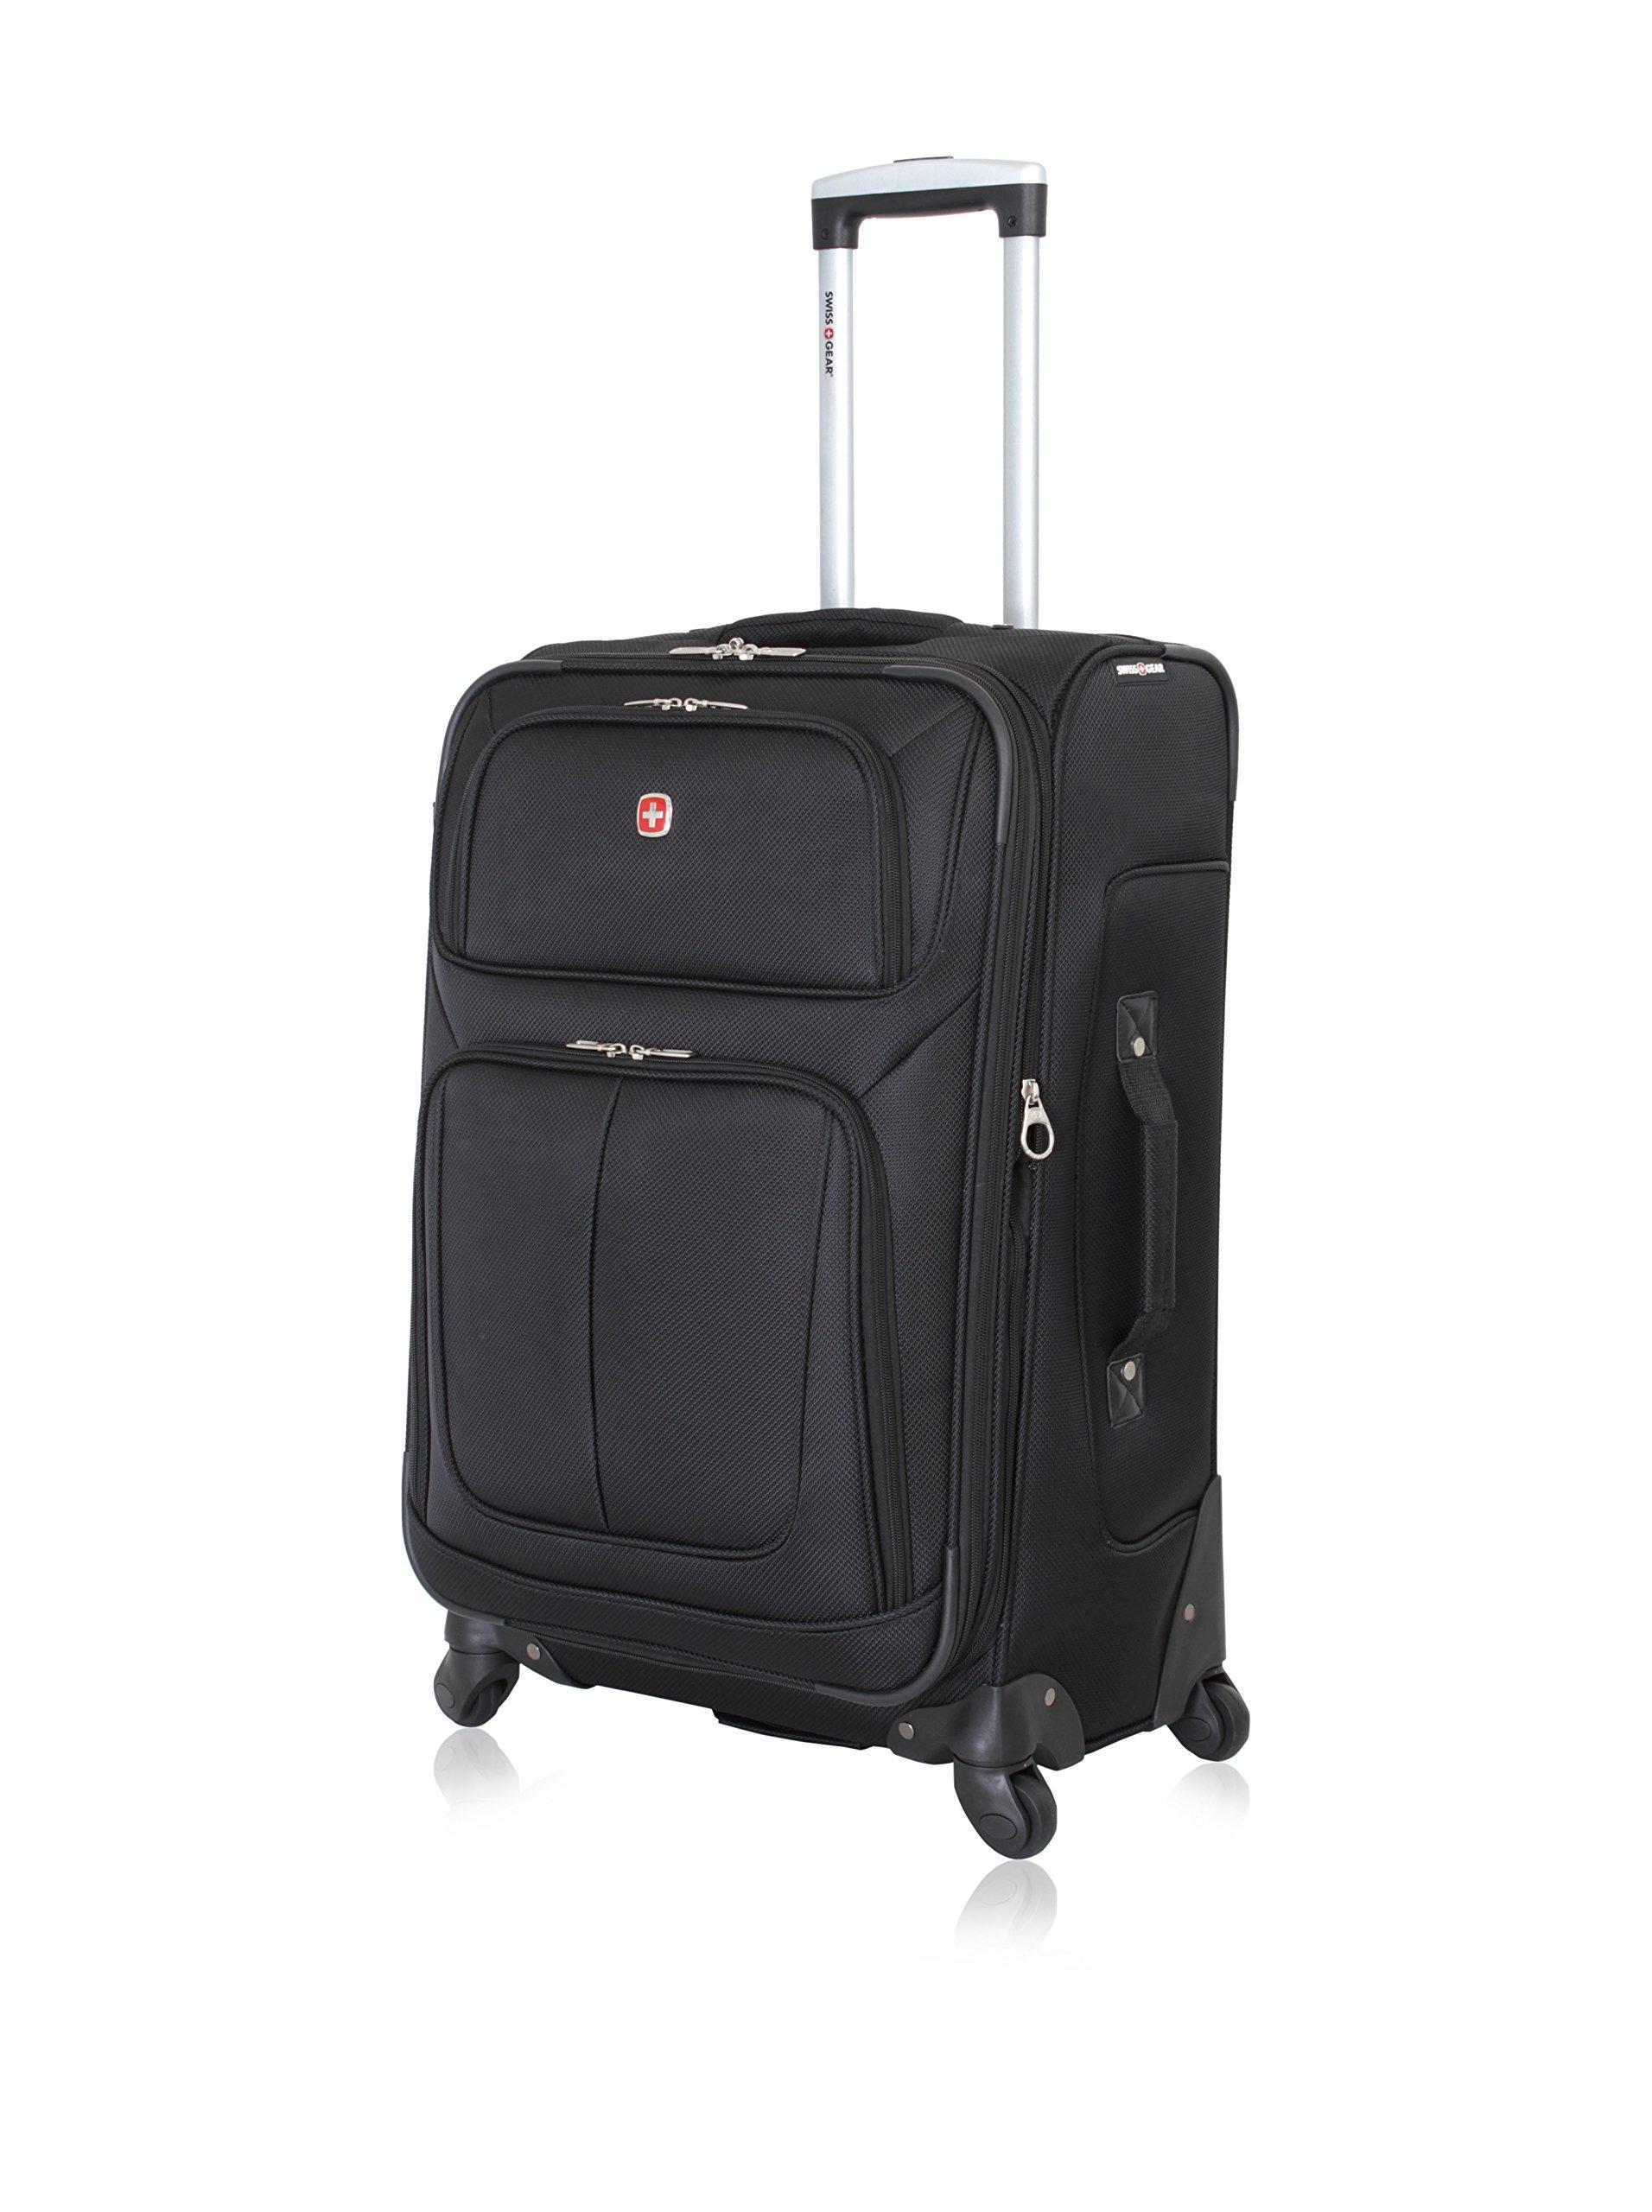 SwissGear Travel Gear 6283 Spinner Luggage by SwissGear (Image #1)